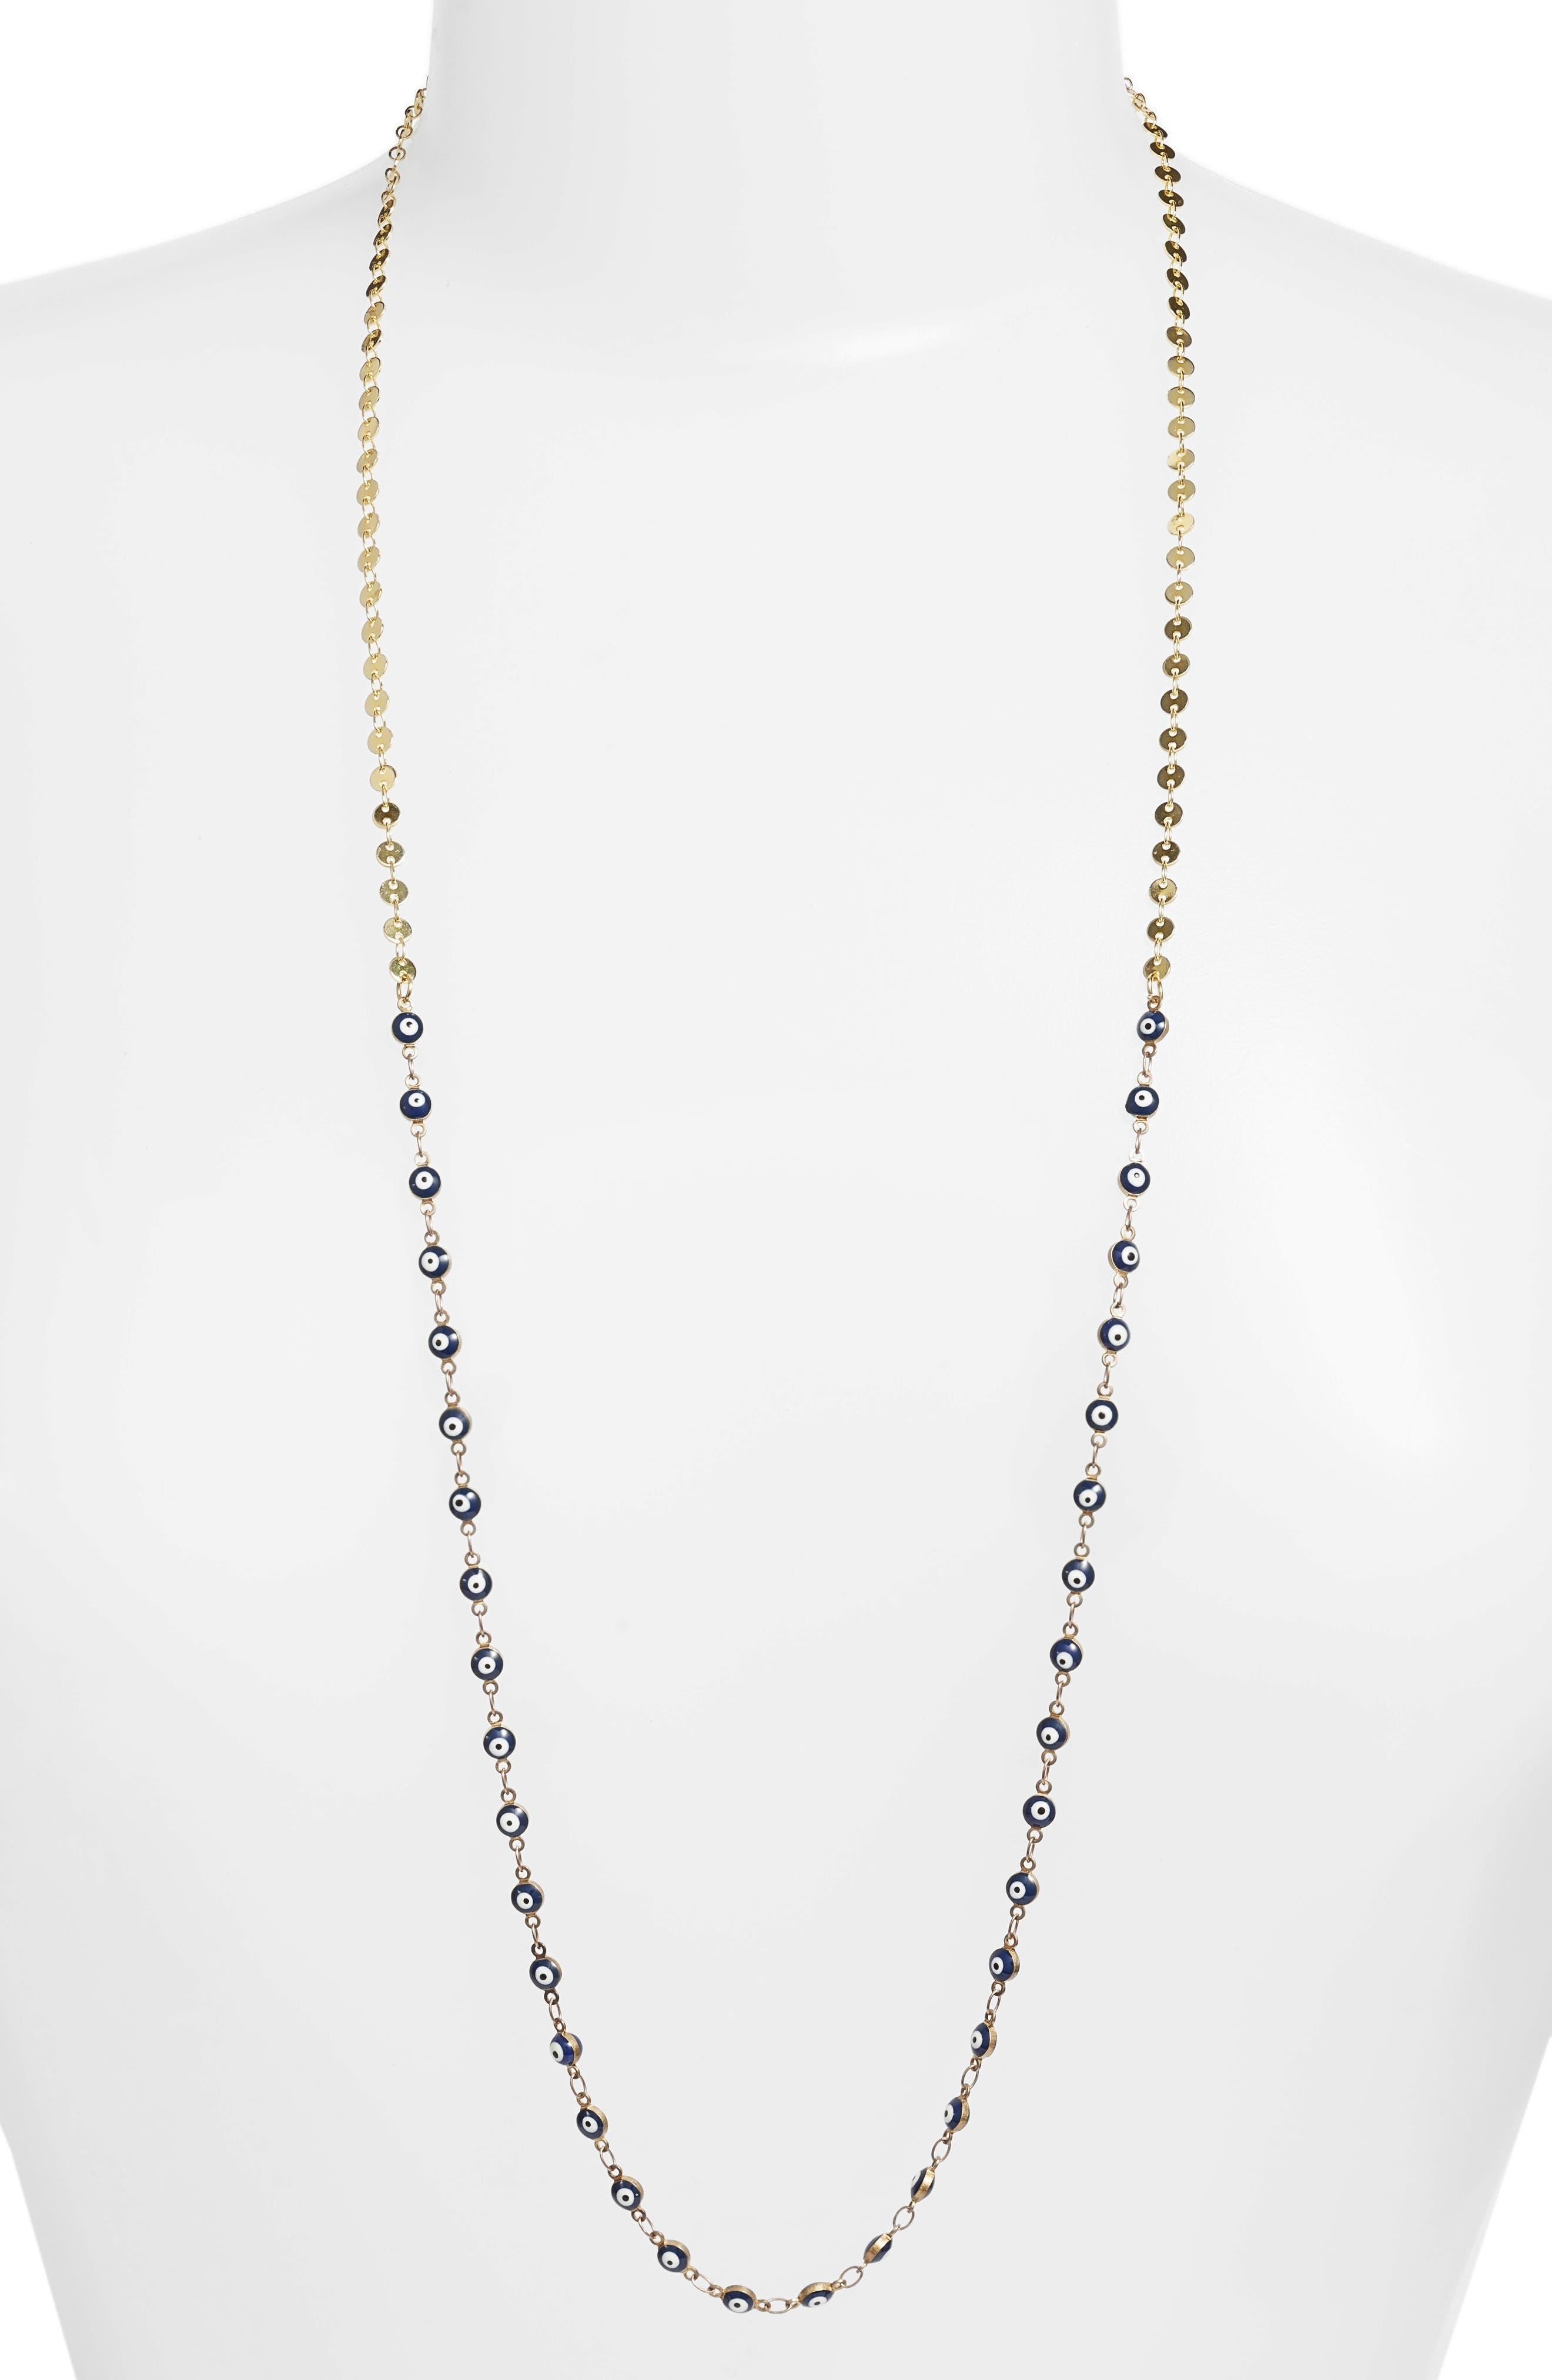 Abundance Necklace,                             Main thumbnail 1, color,                             Blue/ Gold